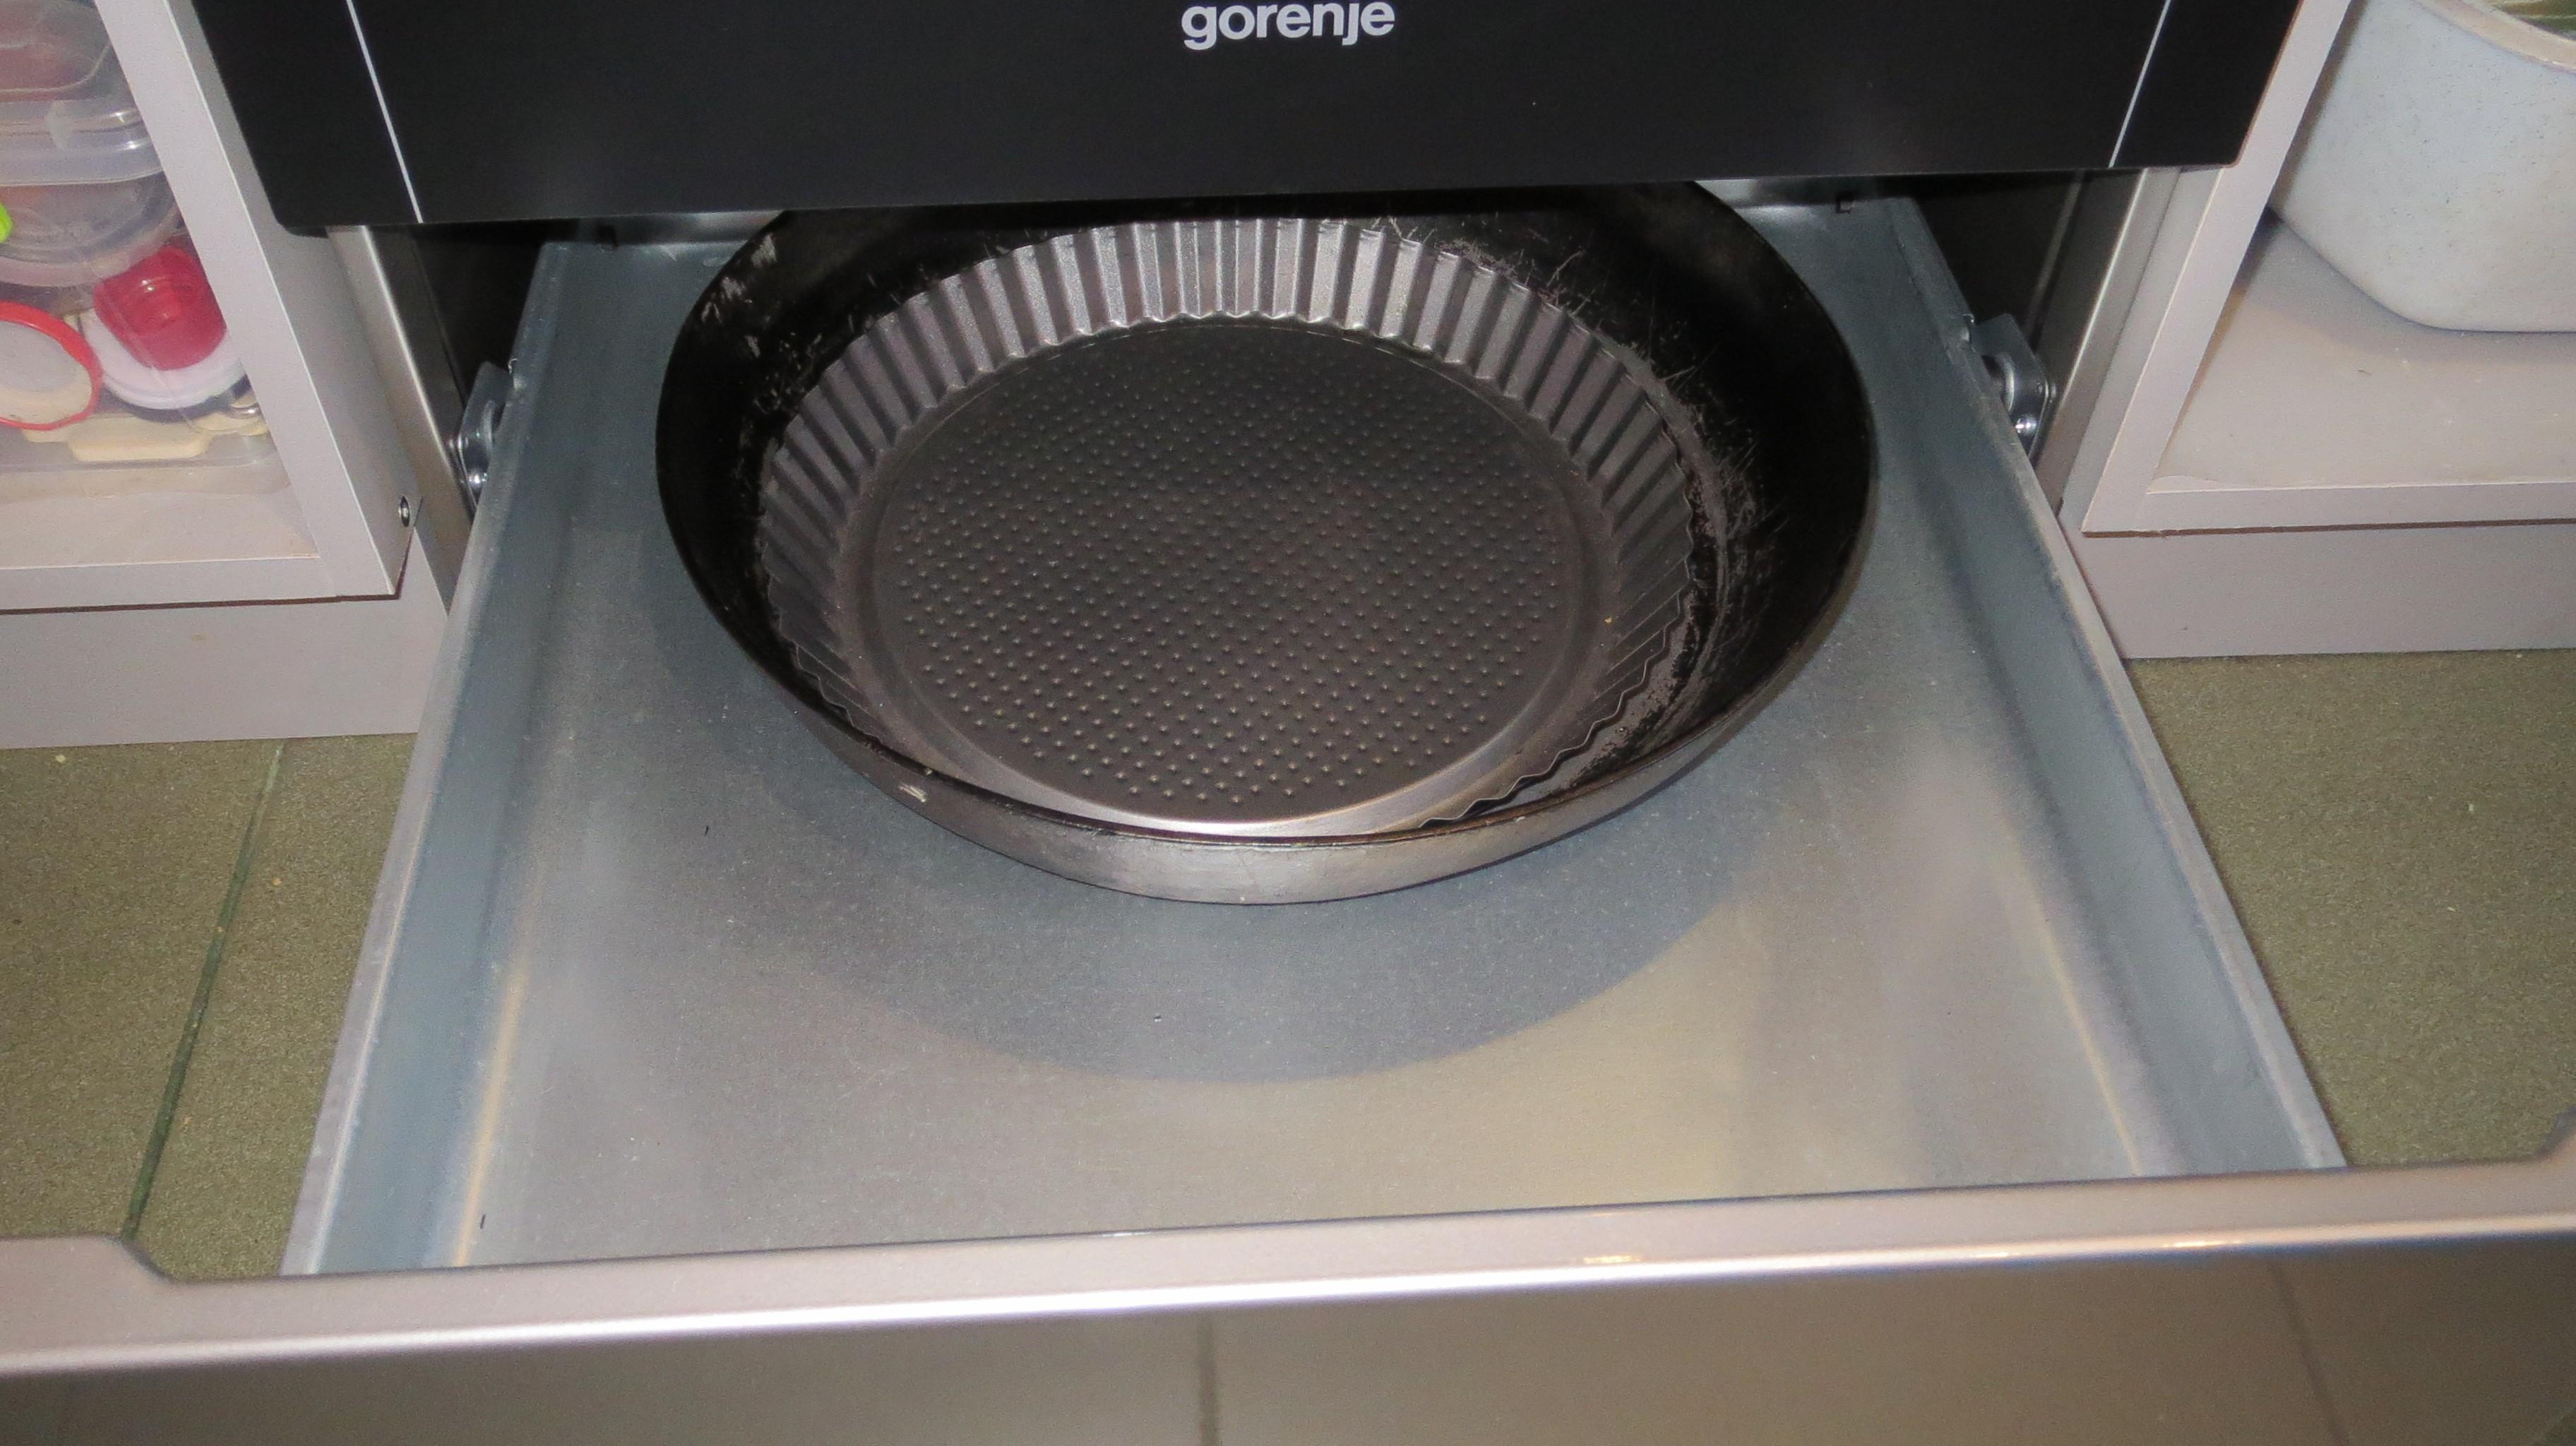 инструкция к газовой плите горенье